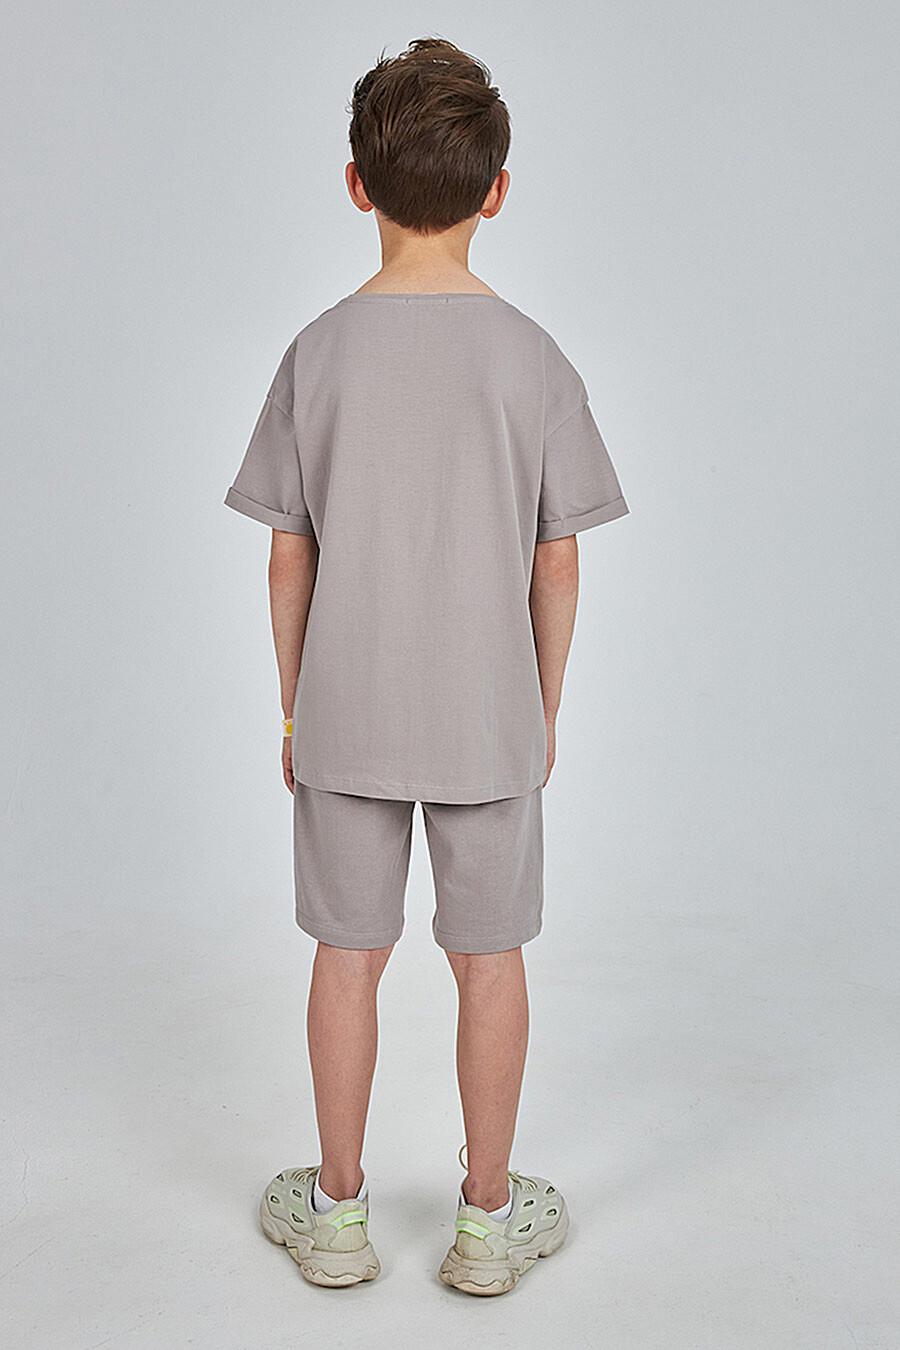 Футболка для мальчиков KOGANKIDS 682760 купить оптом от производителя. Совместная покупка детской одежды в OptMoyo